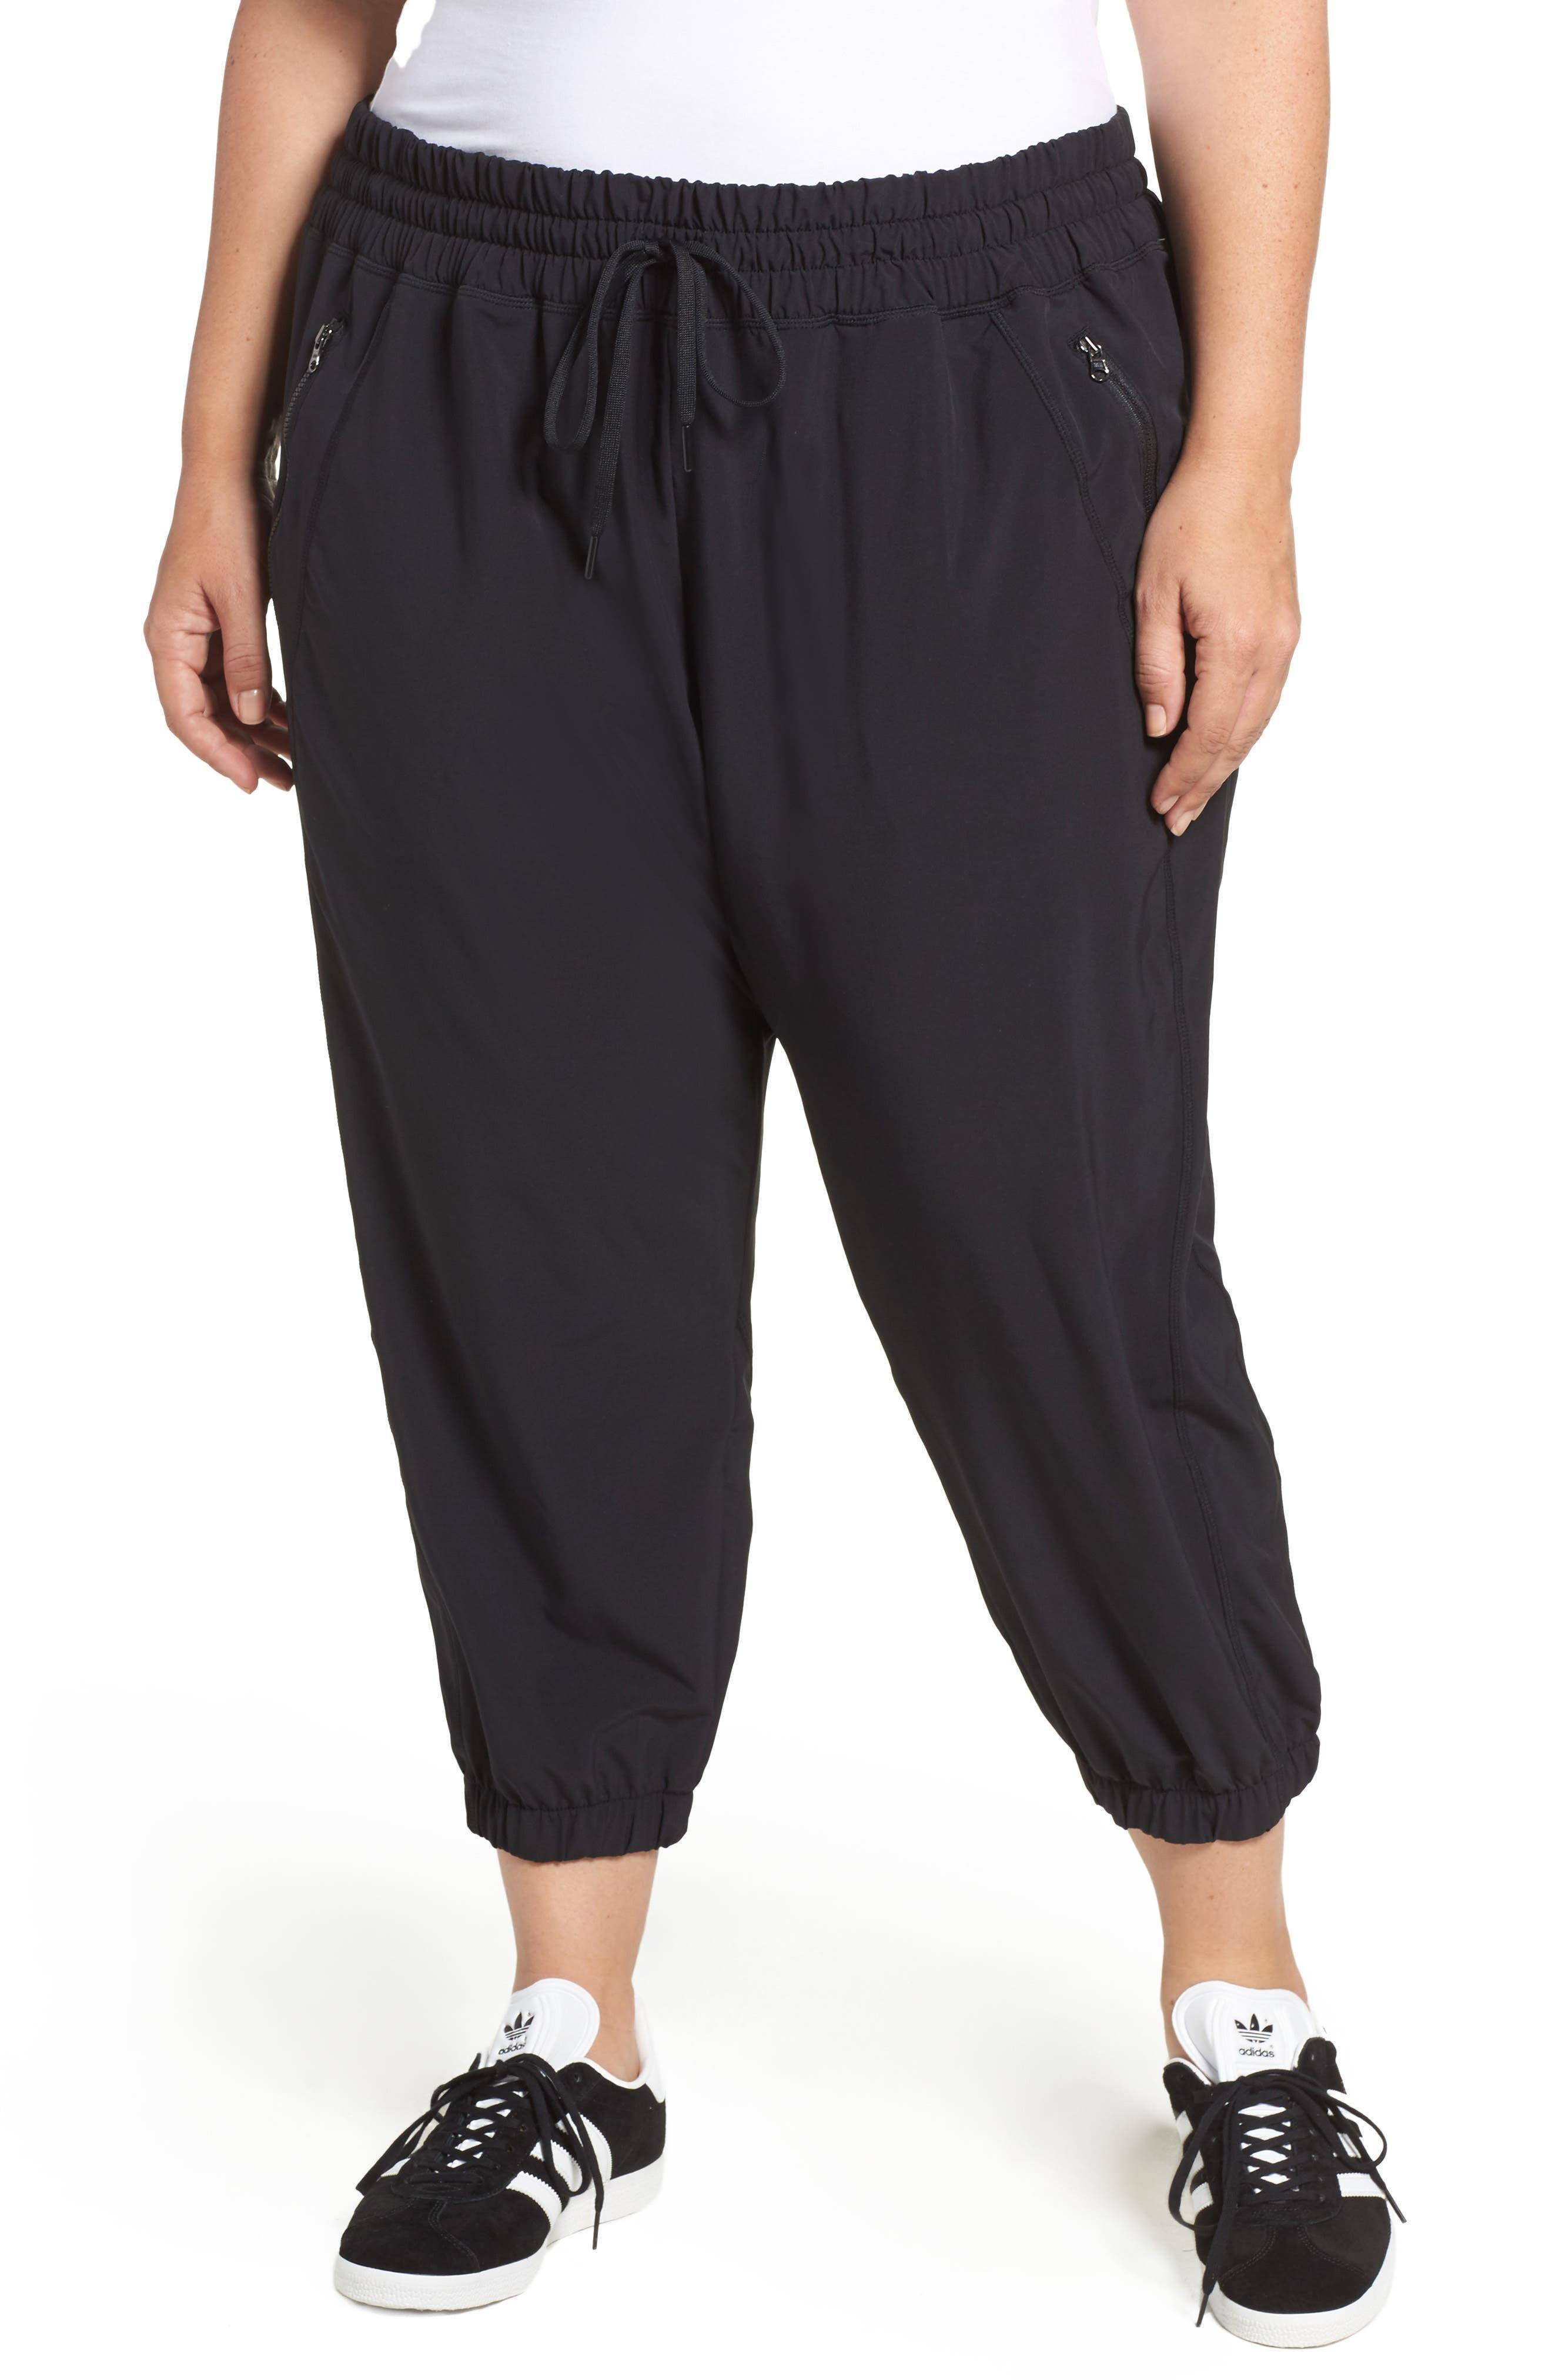 Out & About 2 Crop Pants,                             Main thumbnail 1, color,                             BLACK